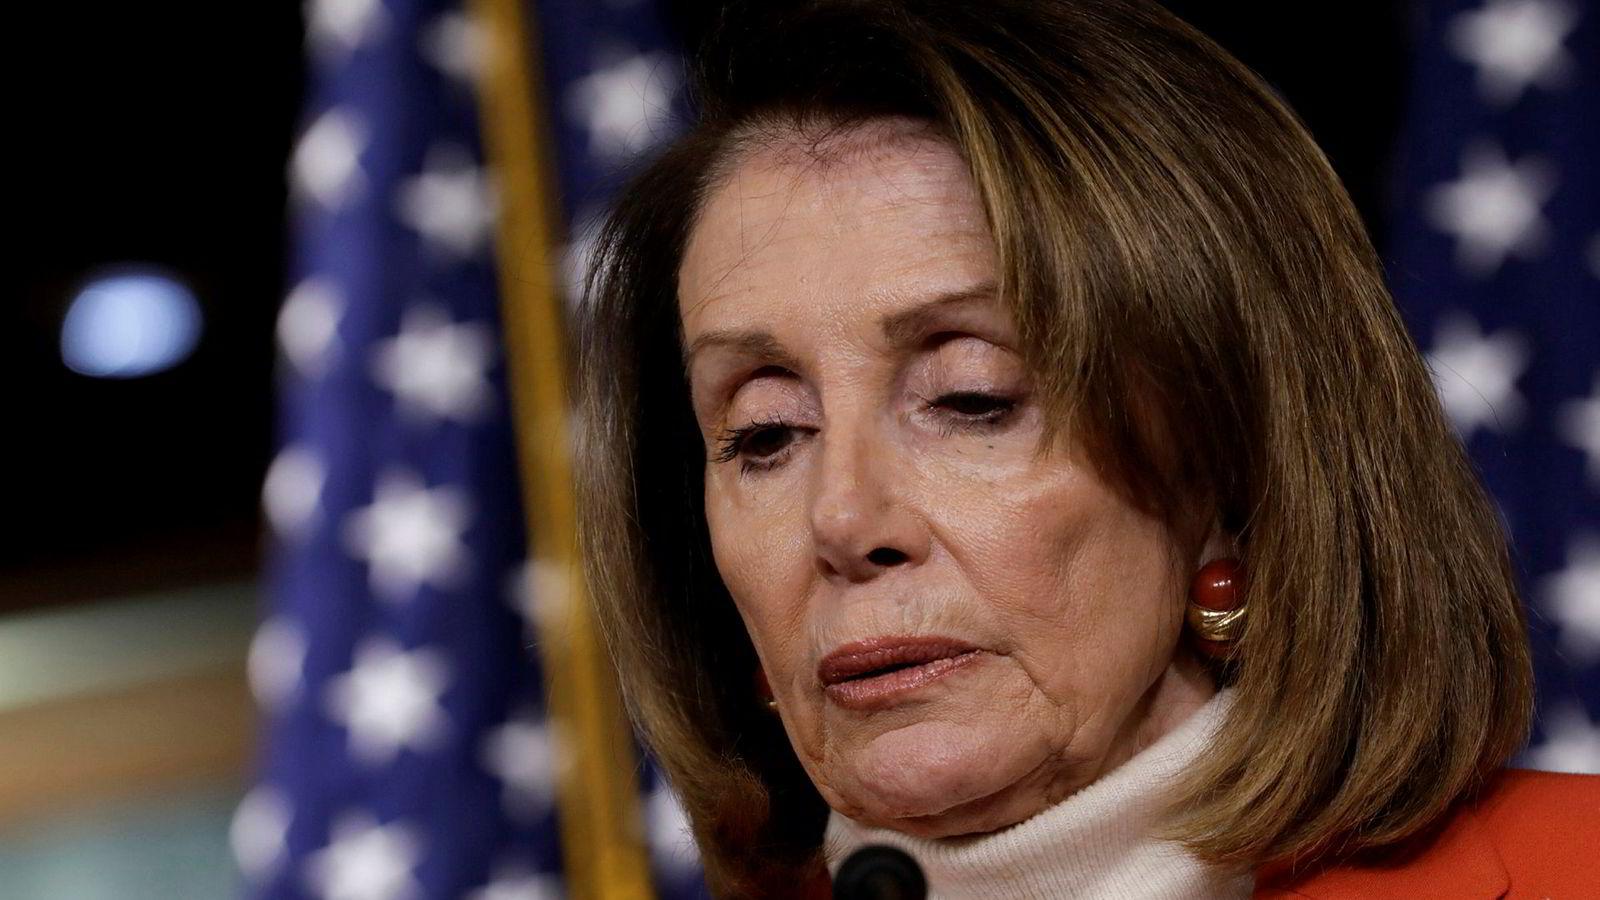 Nancy Pelosi får kamp om å bli leder i Representantenes hus.